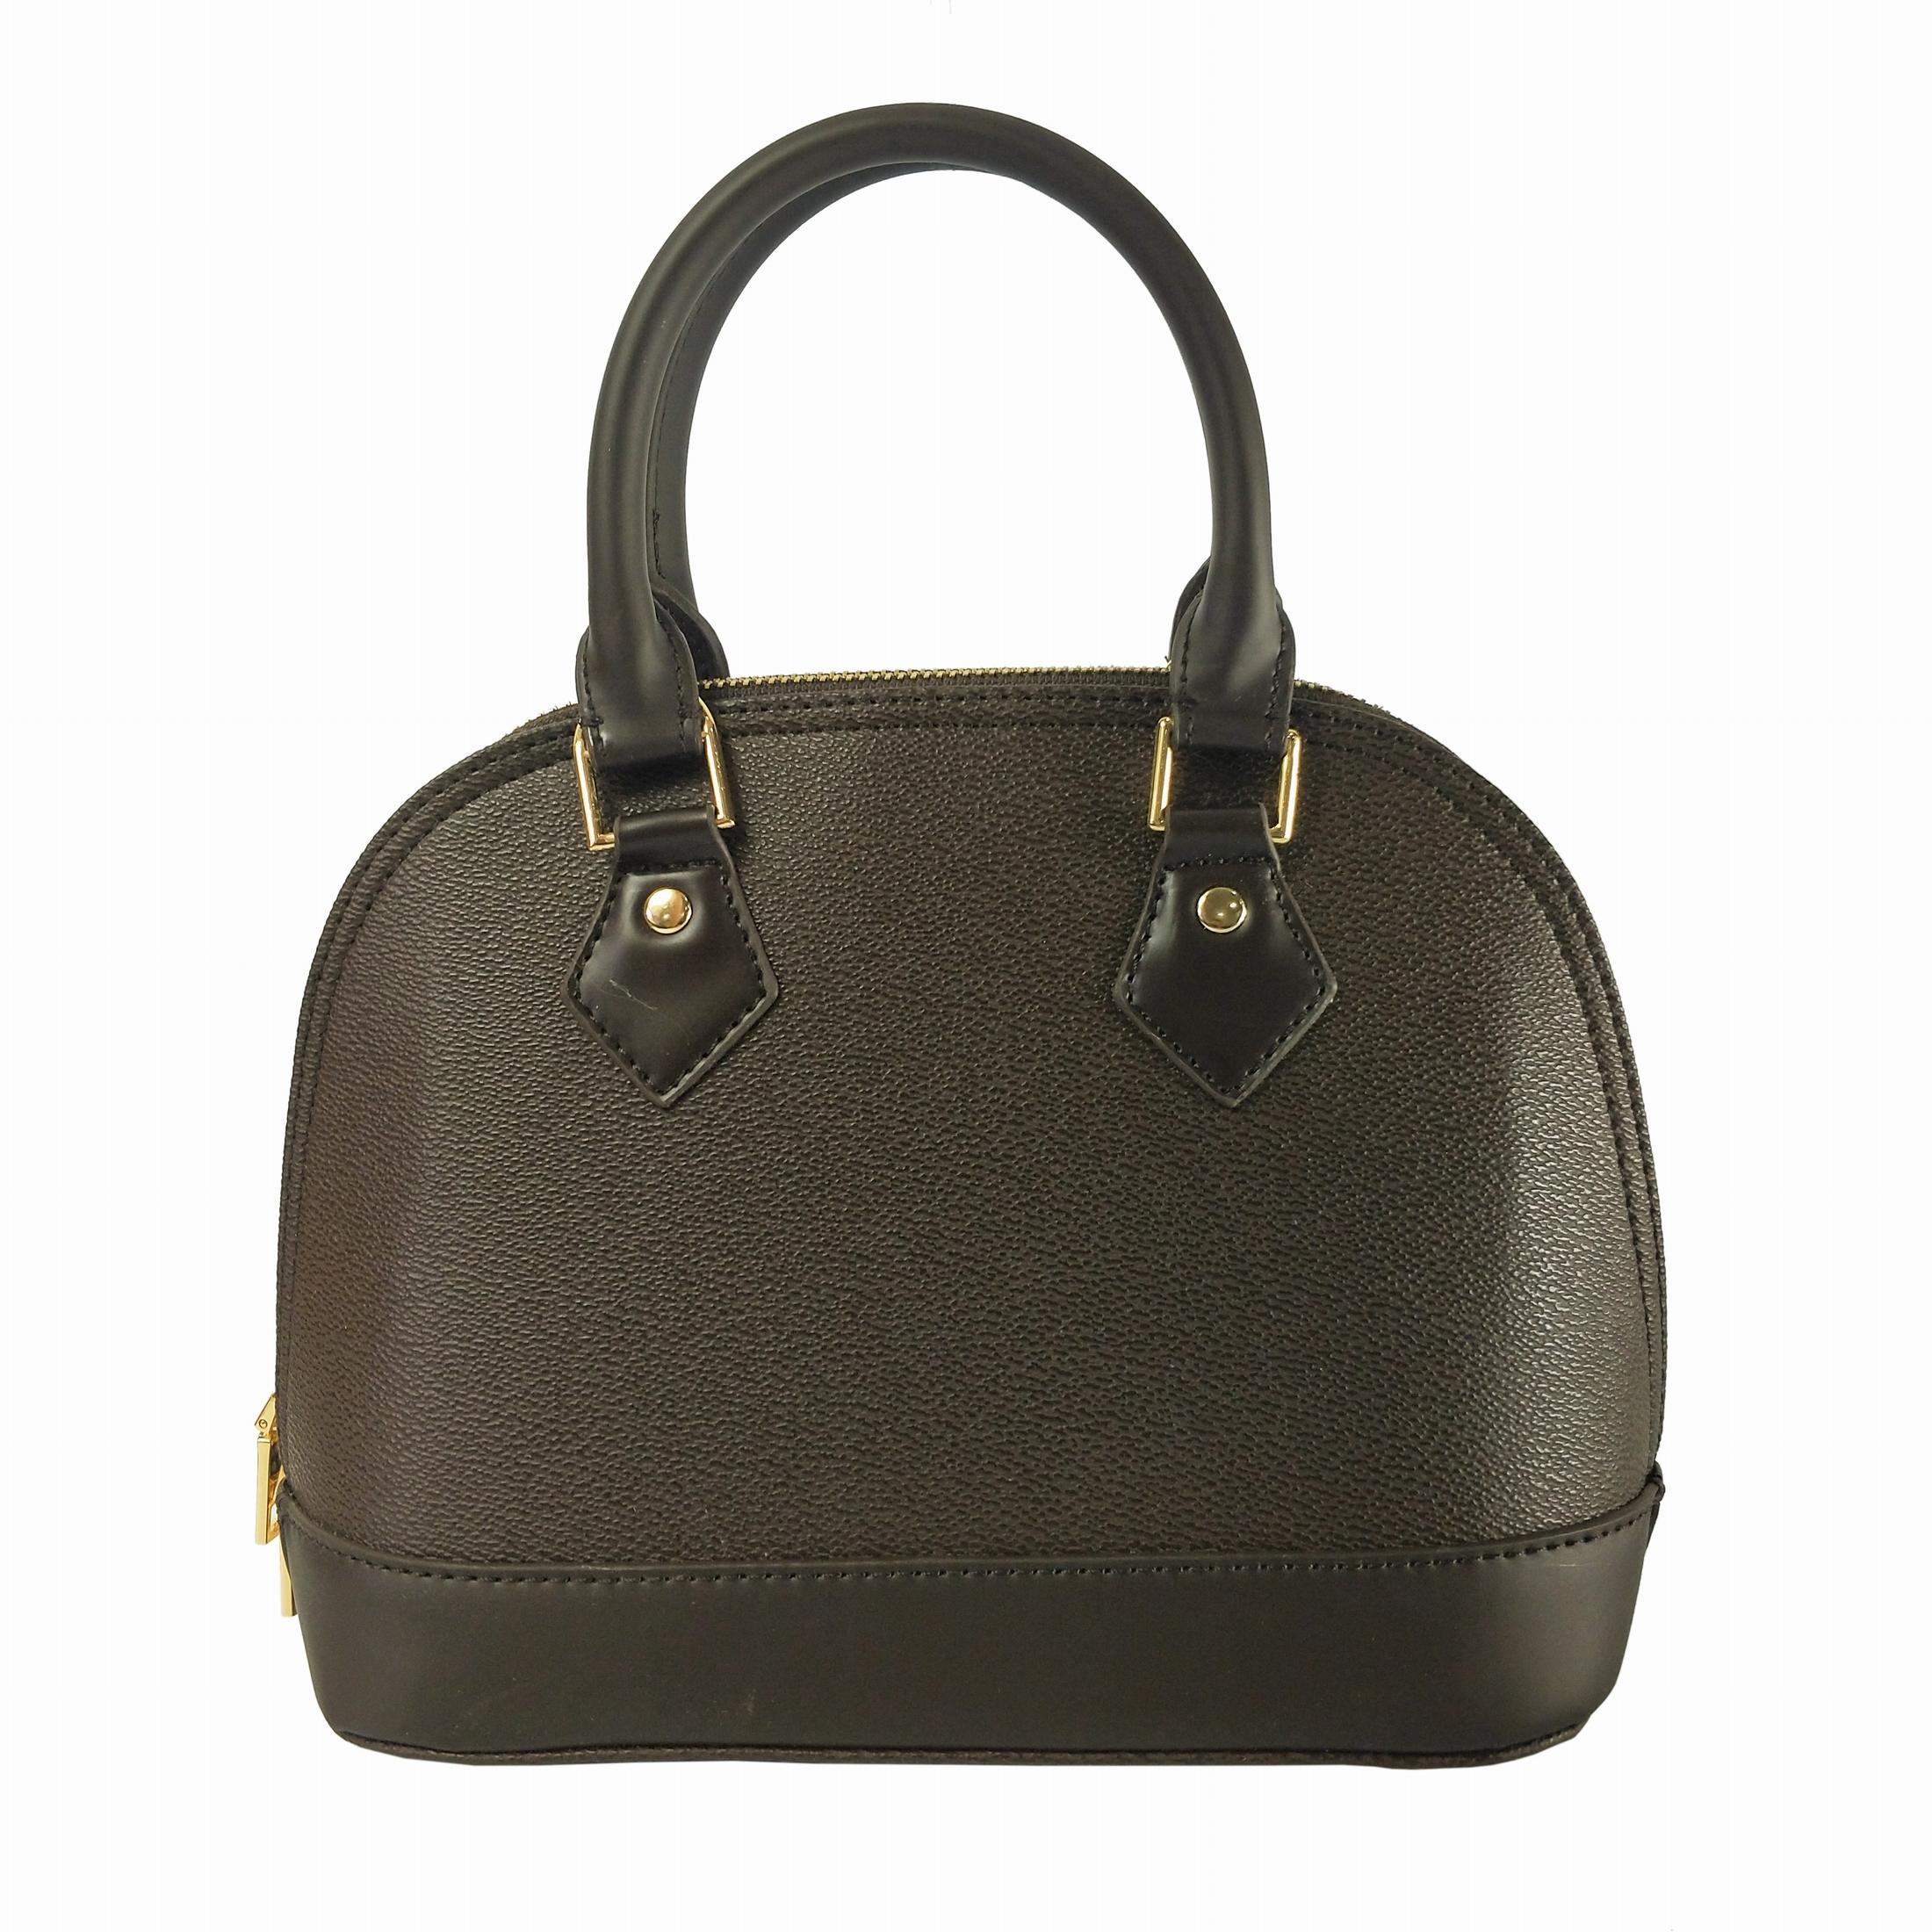 Женская мода сумки сумки коричневый цветок шахматная доска сумка для женской сумки для женщин сумки через плечо Crossbody Bags Hobo Buashs M53152 Большой кошелек